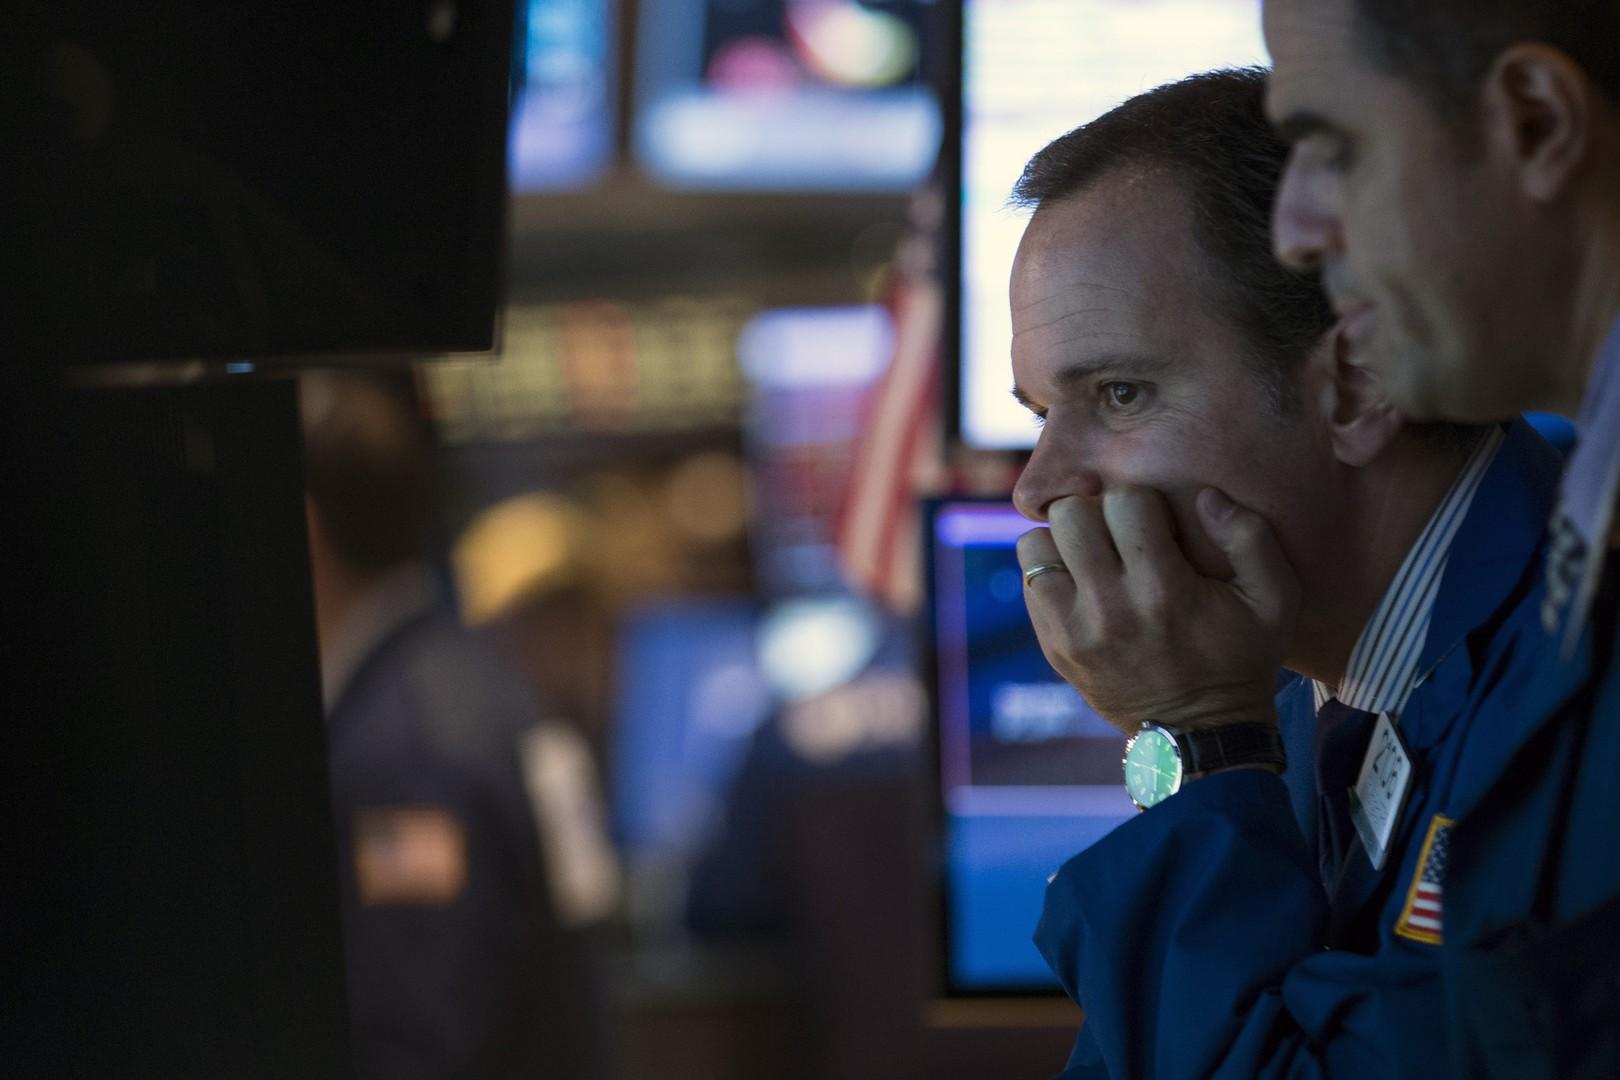 ما الذي يمكن أن يدفع الاقتصاد إلى الركود؟